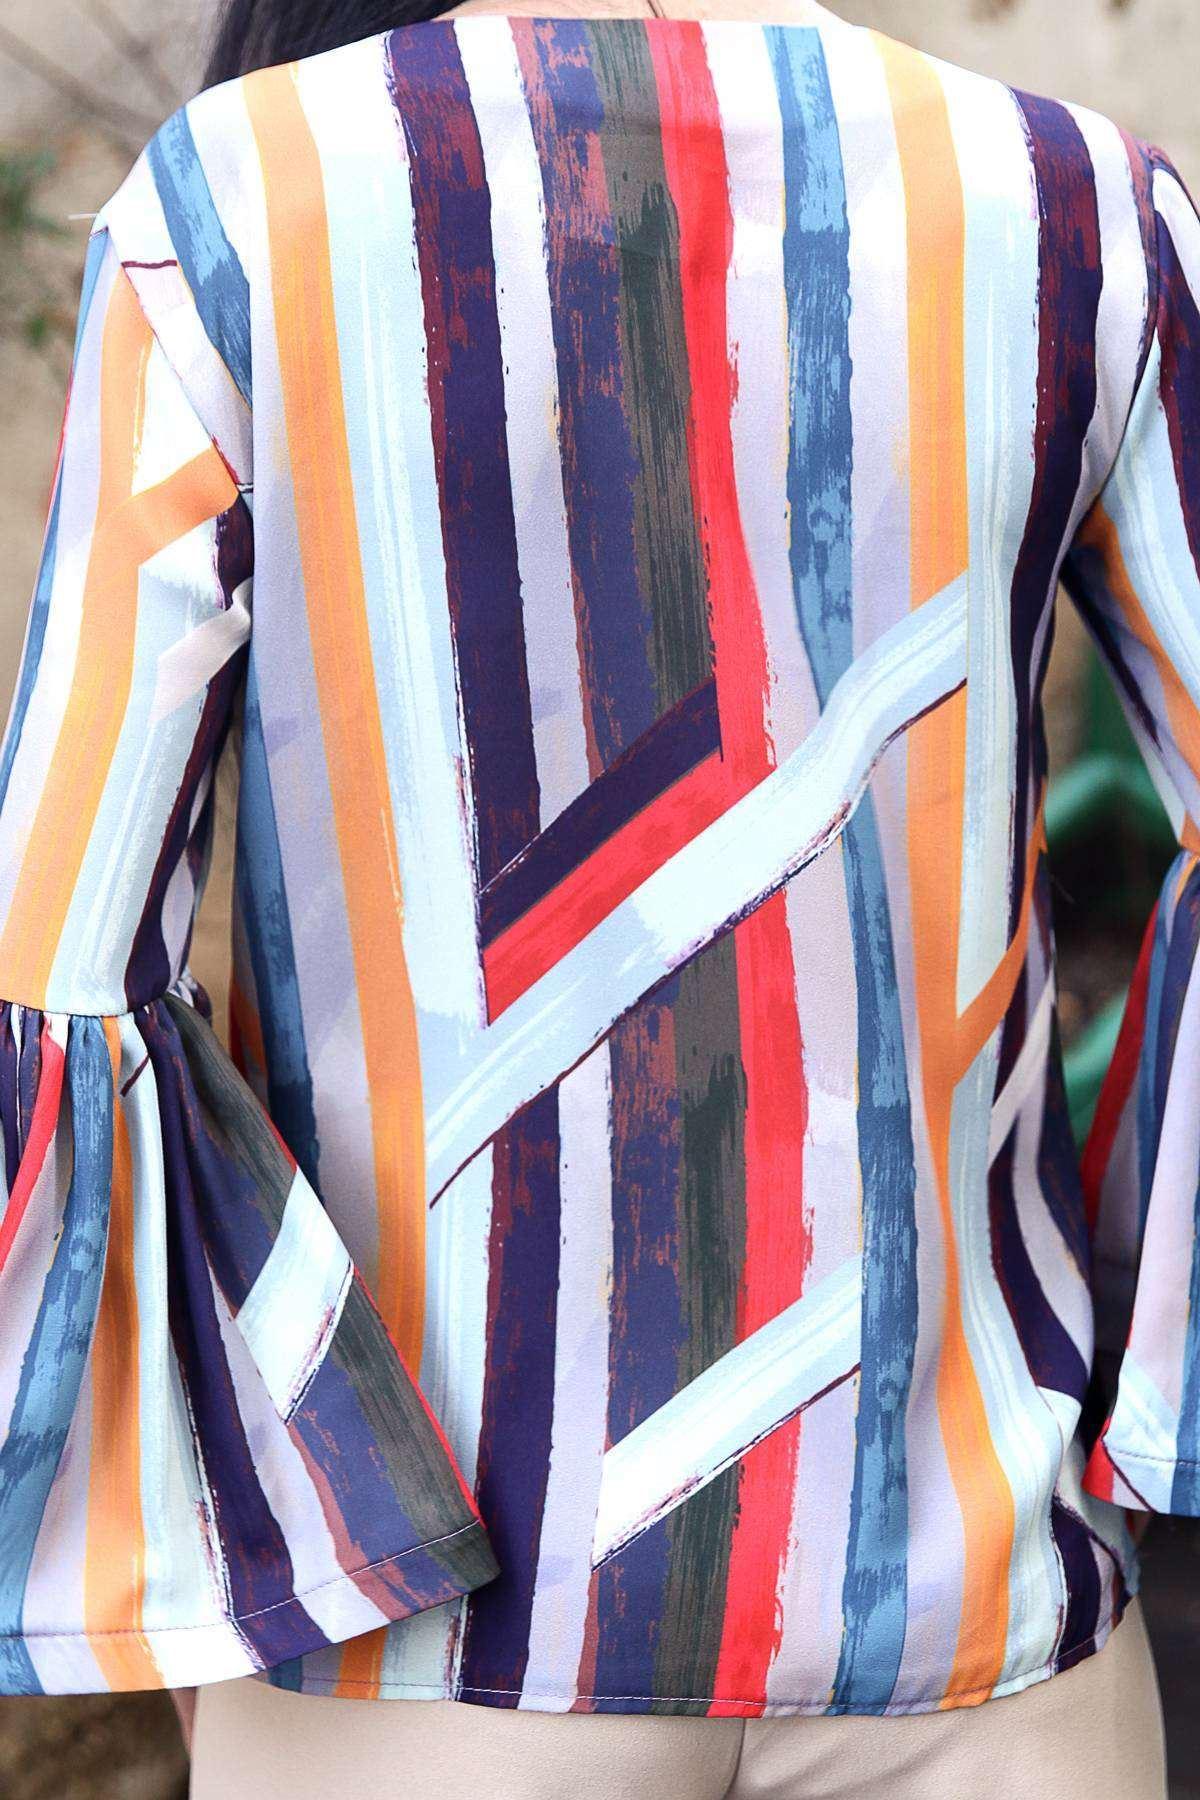 Renkli Boyama Çubuk Desenli İspanyol Fırfır Kol Bluz Renkli